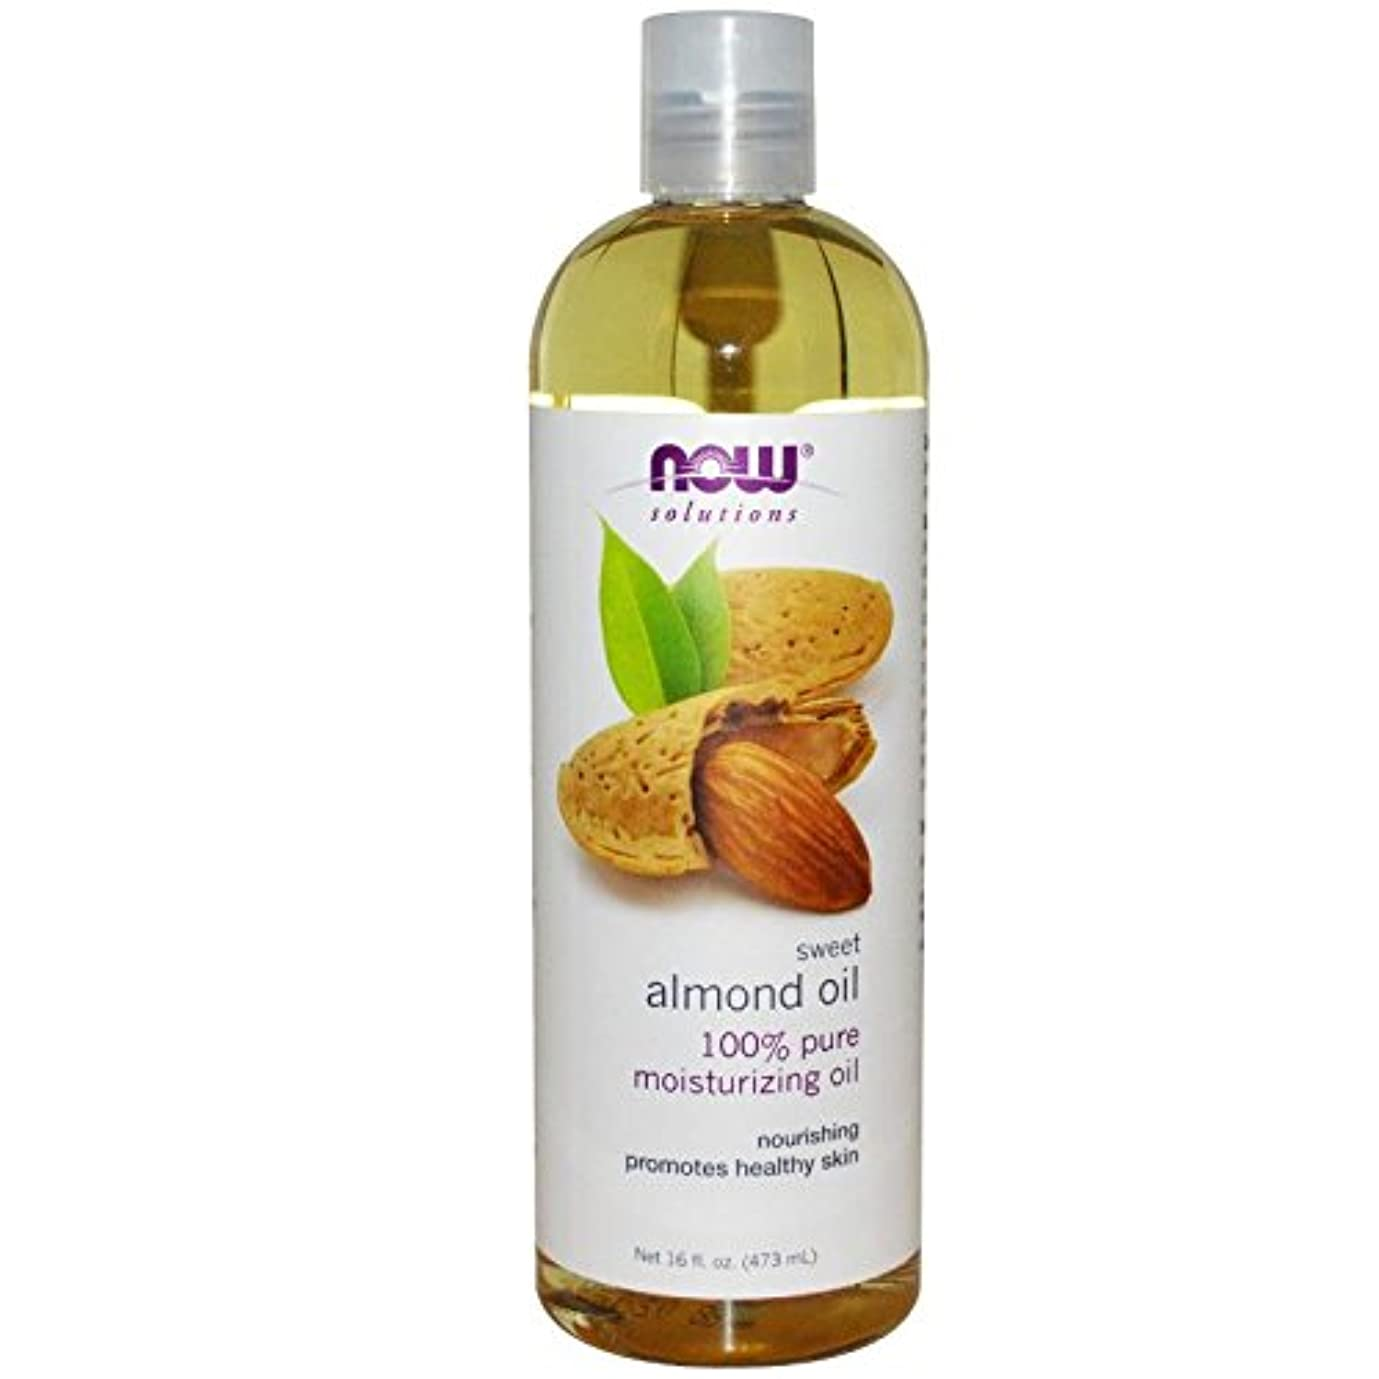 間欠ウナギ承認する【国内発送】 Now Solutions Sweet Almond Oil 16 oz. (473ml) [並行輸入品]